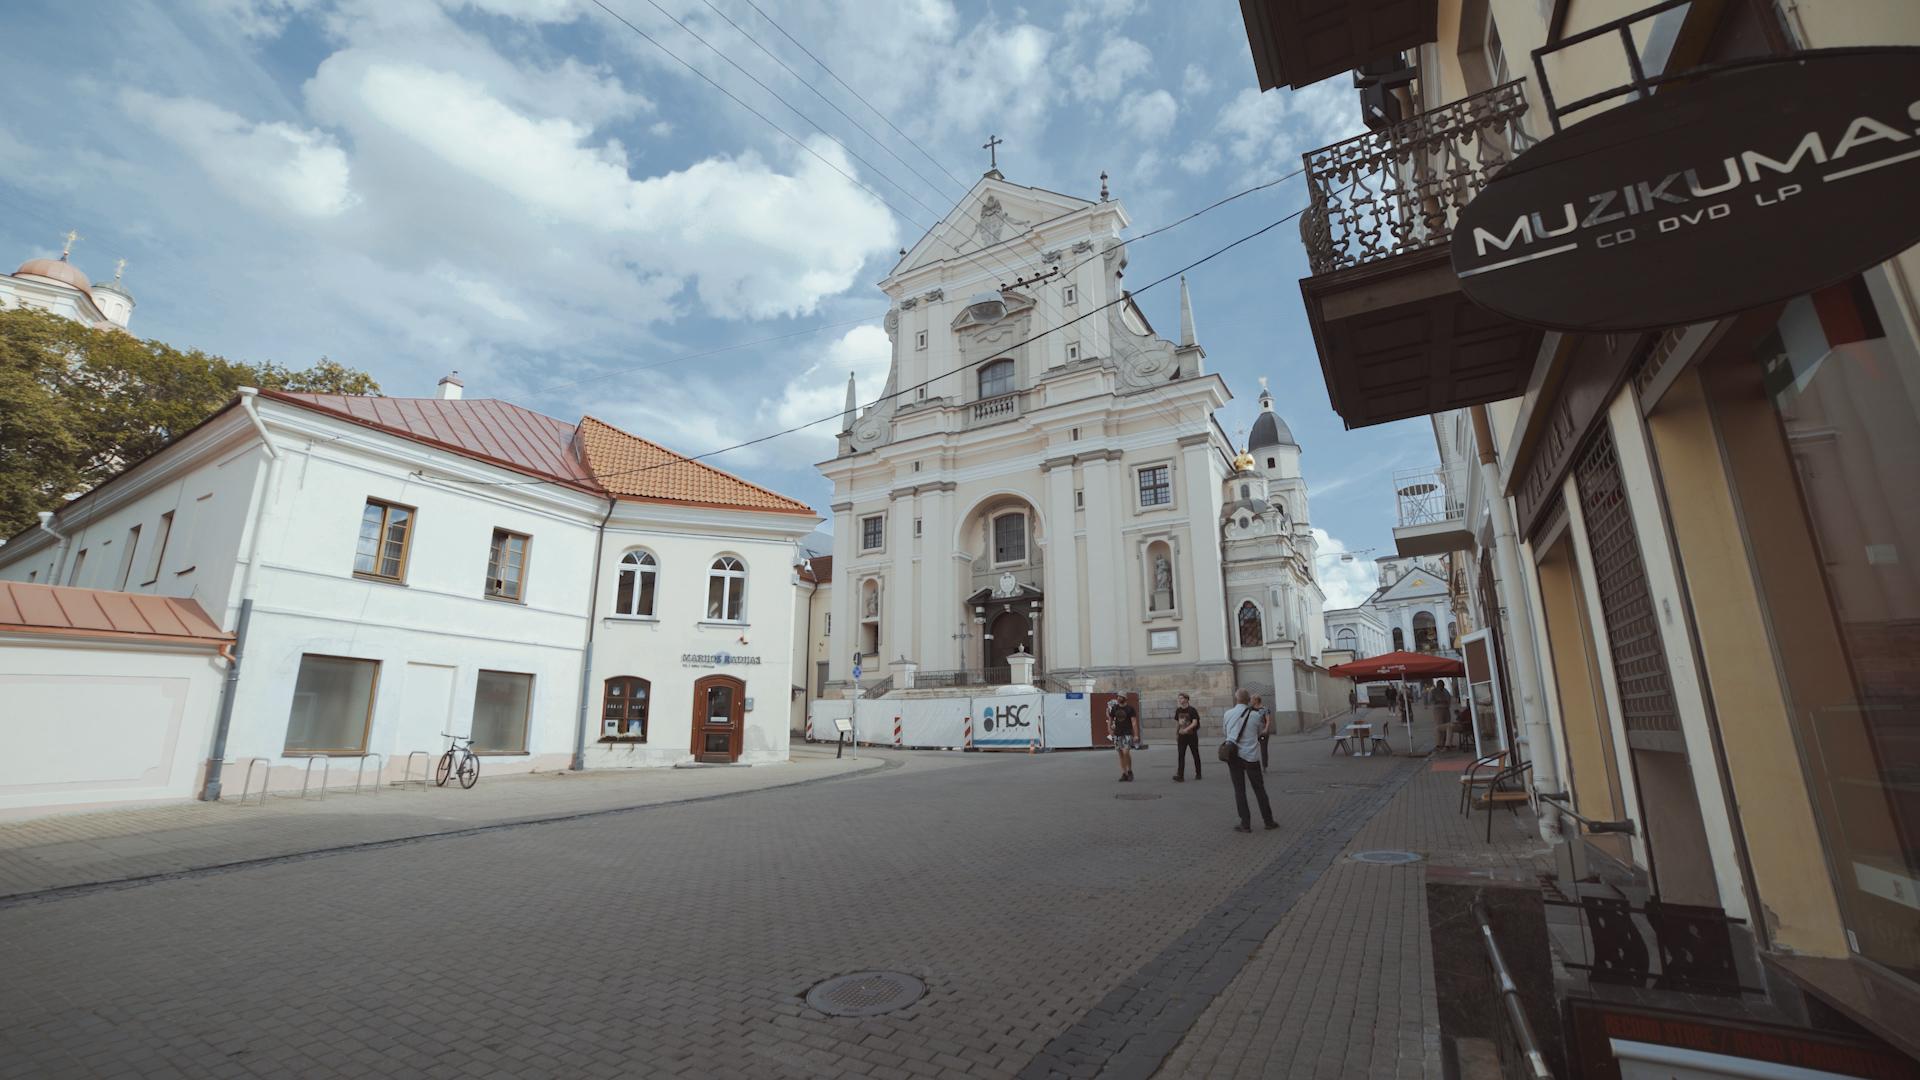 Bažnyčios bokštas.